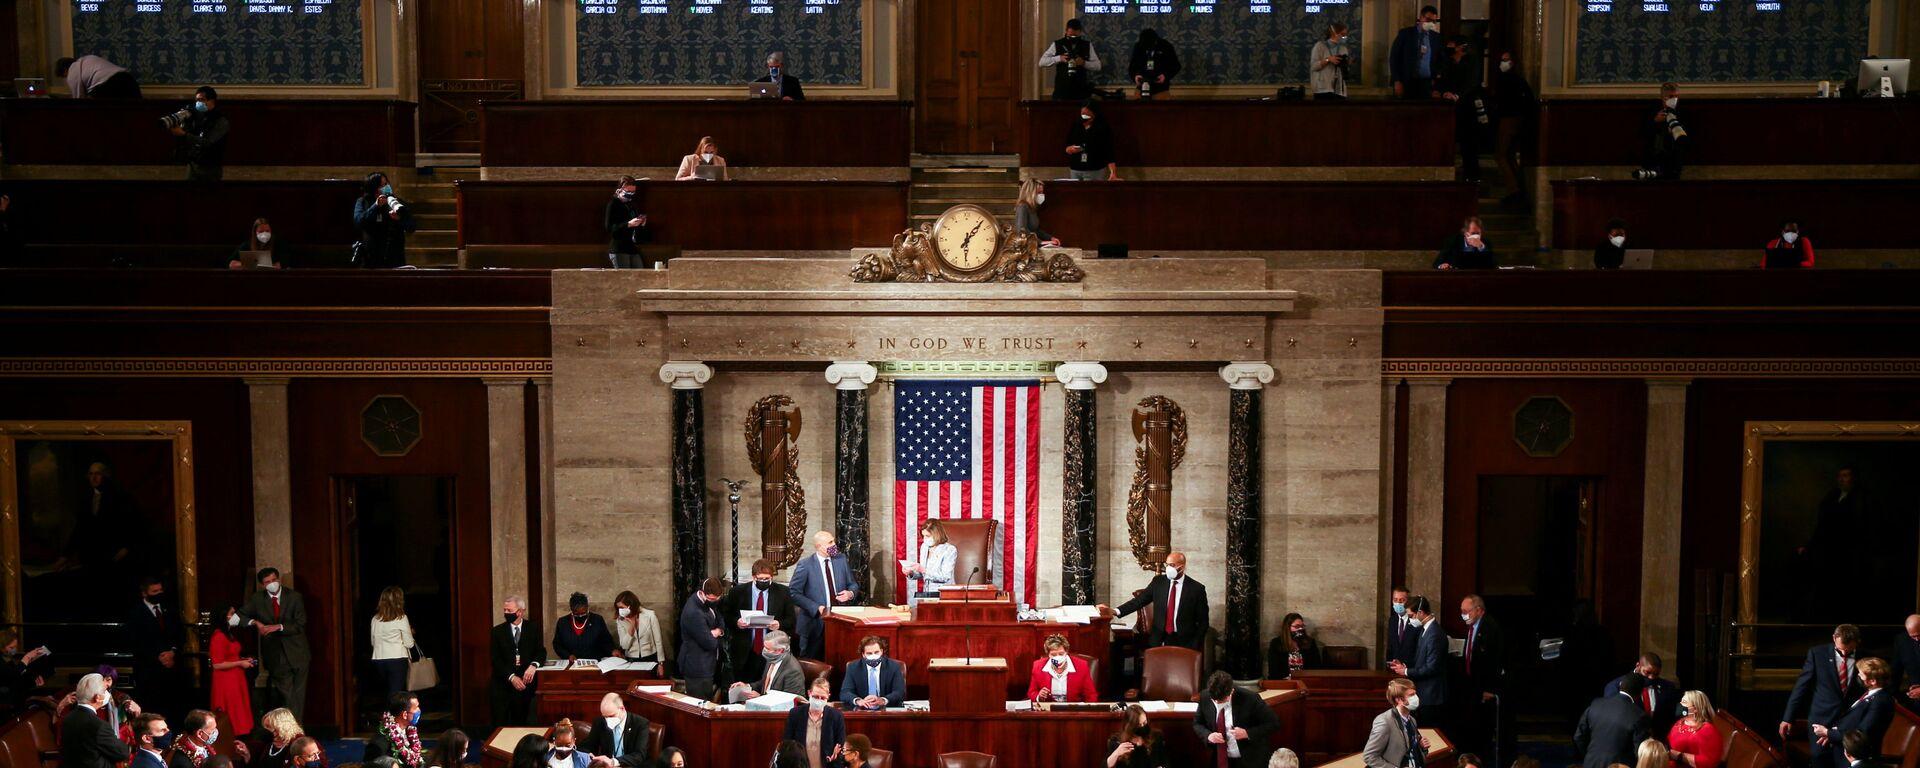 La 117 sesión del Congreso de EEUU  - Sputnik Mundo, 1920, 05.01.2021